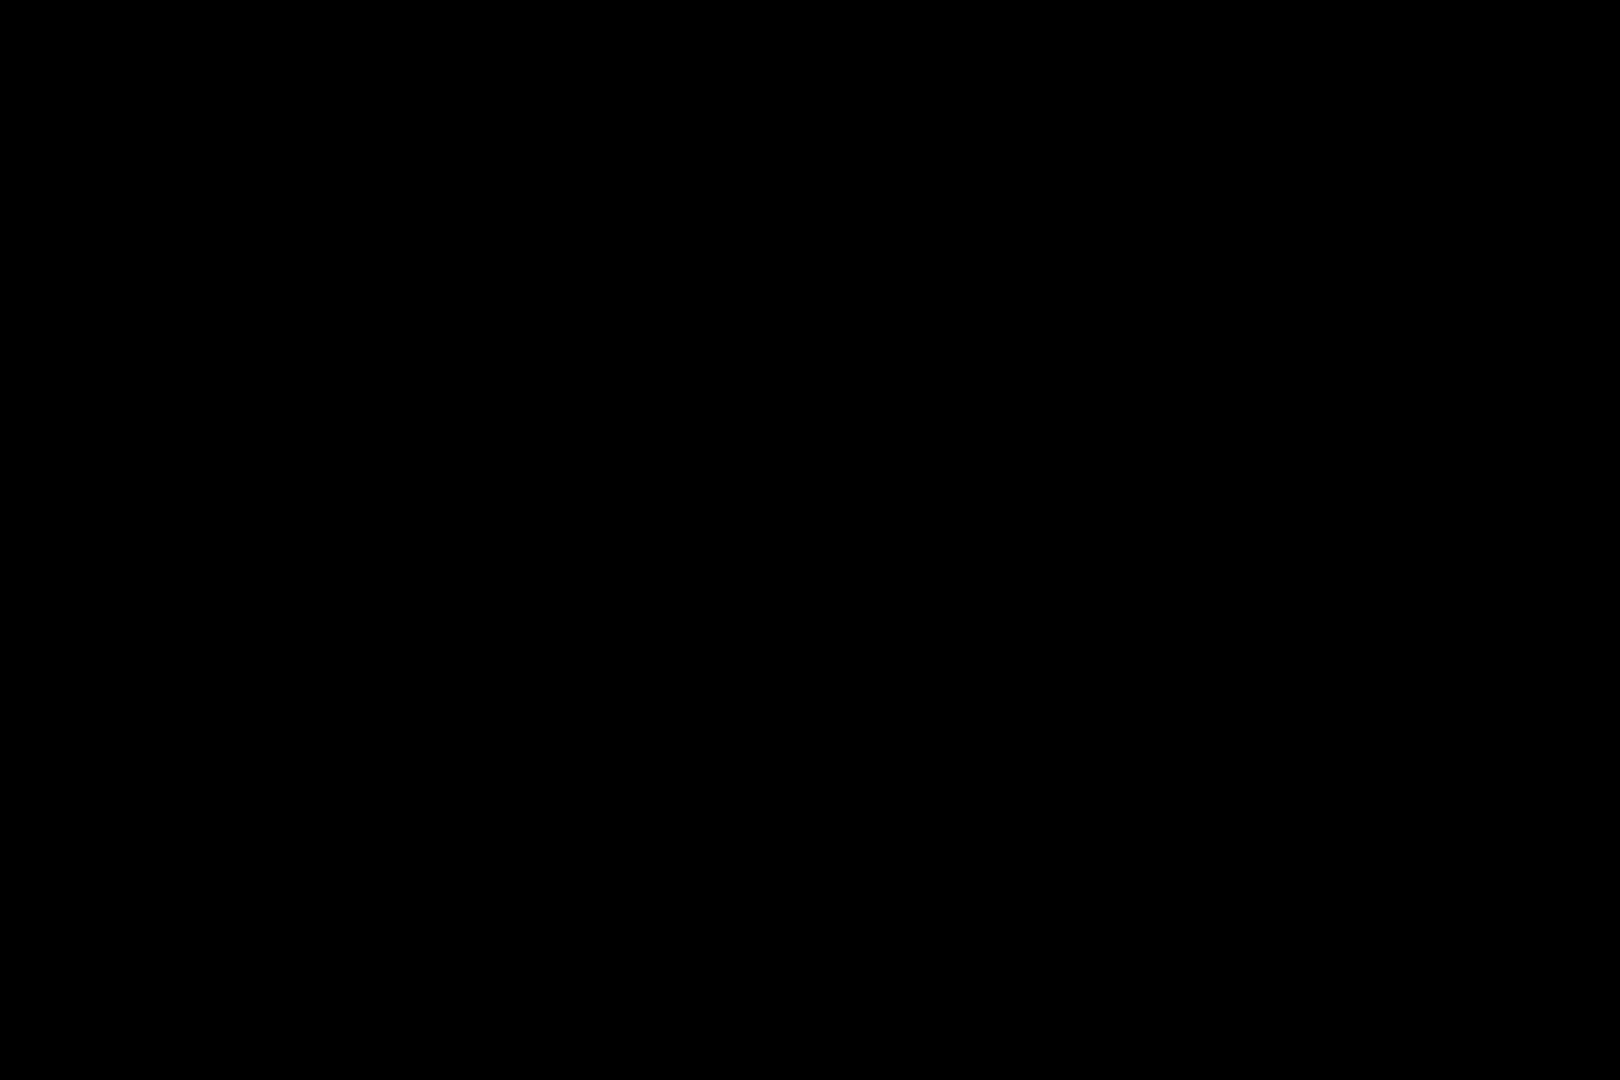 実録!ラブホテル~消し忘れ注意!昭和の色編~ vol.18 HなOL | 手マン  95pic 81